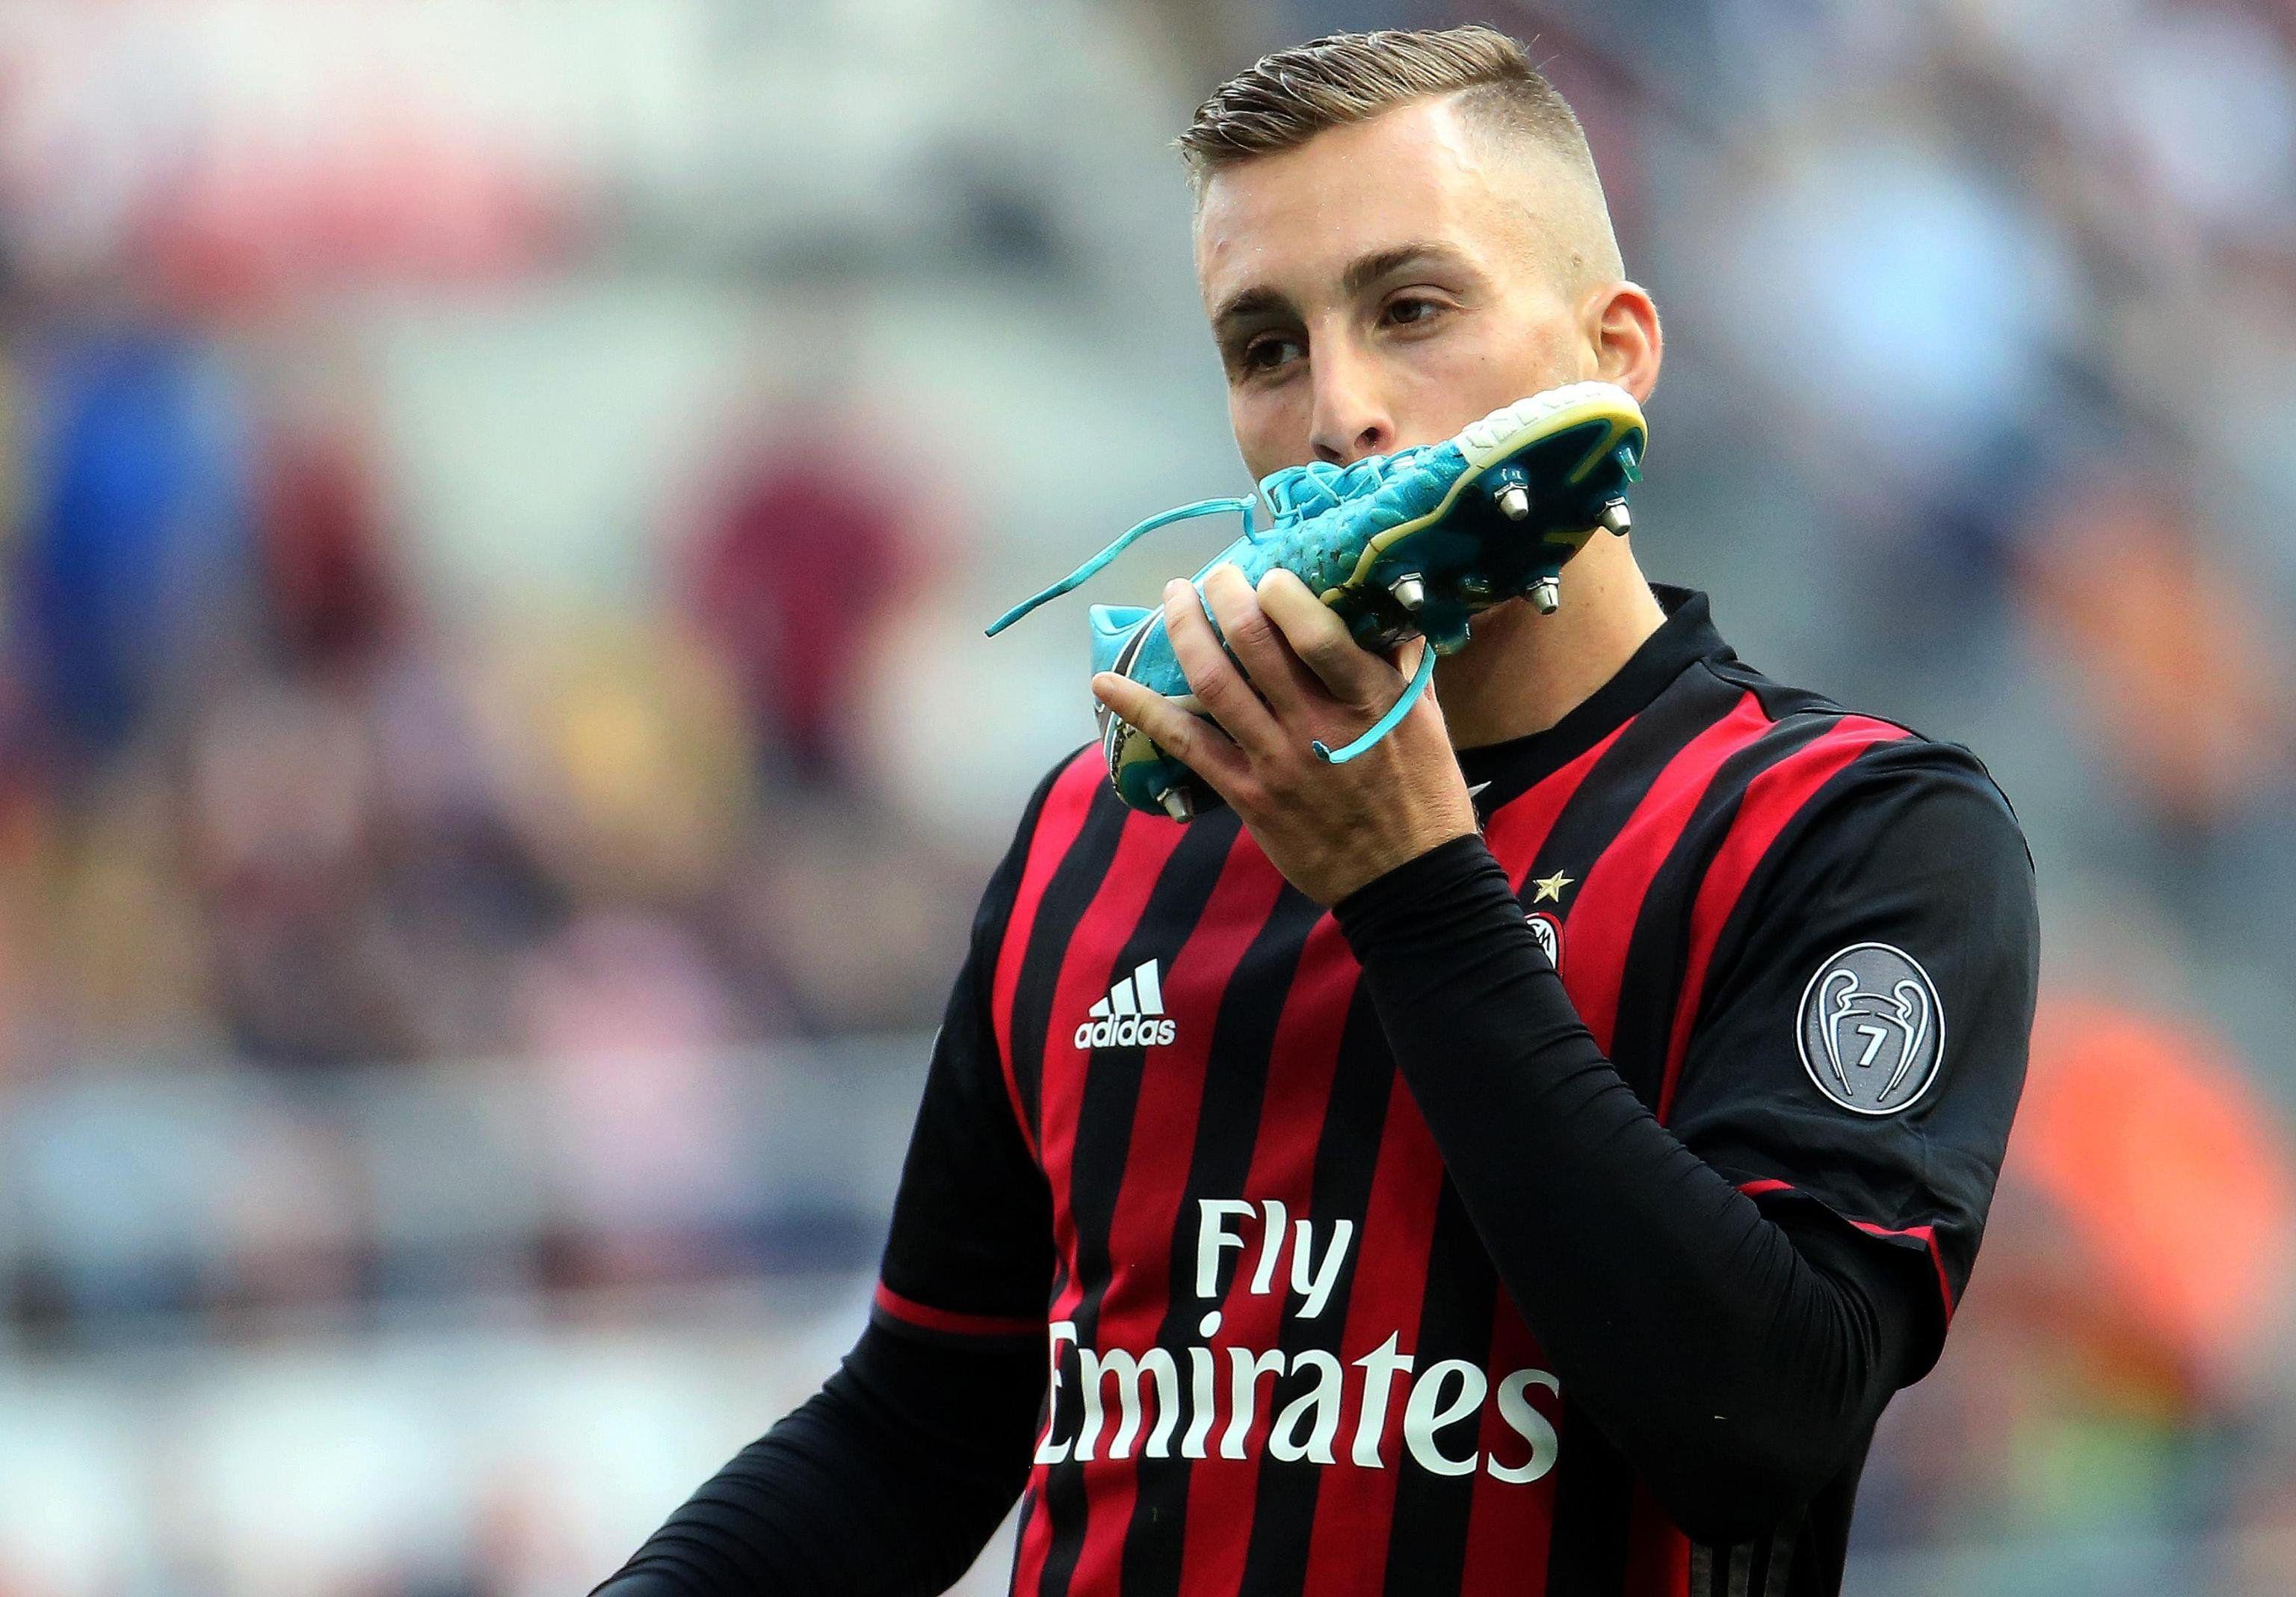 El delantero vive un gran momento en el Milan